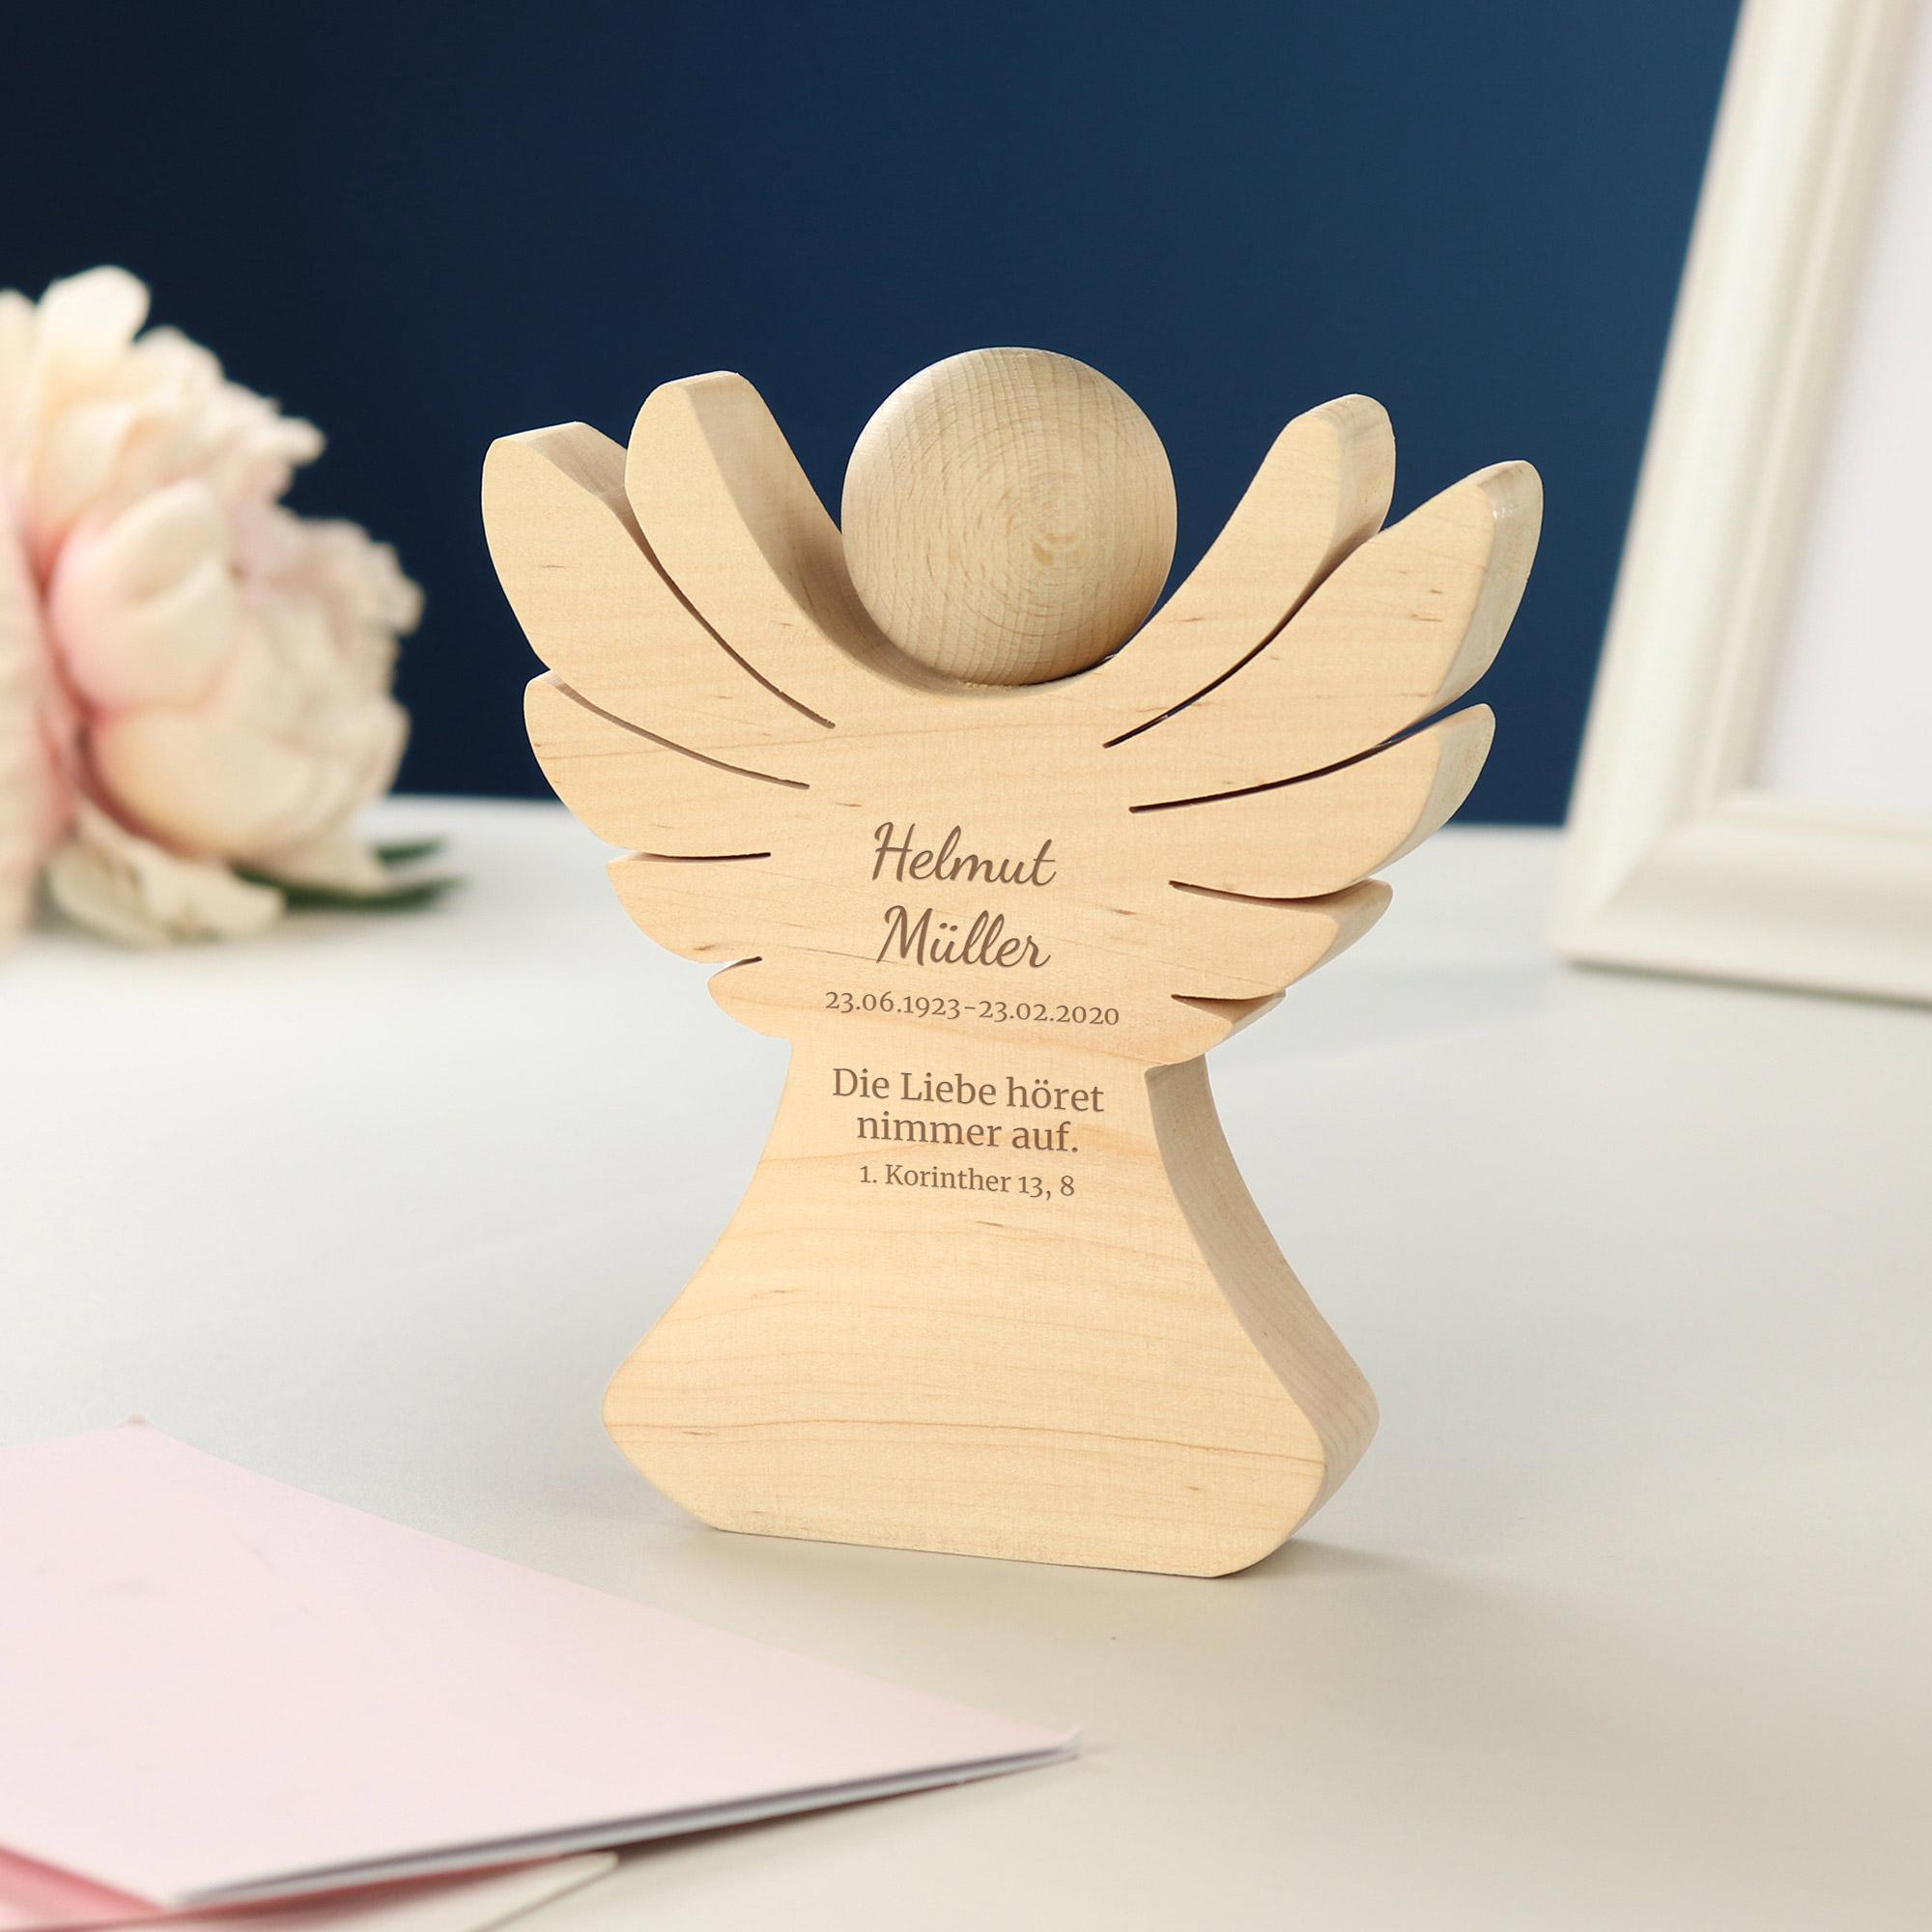 Engel aus Holz mit Gravur - Trauer - Personalisiert